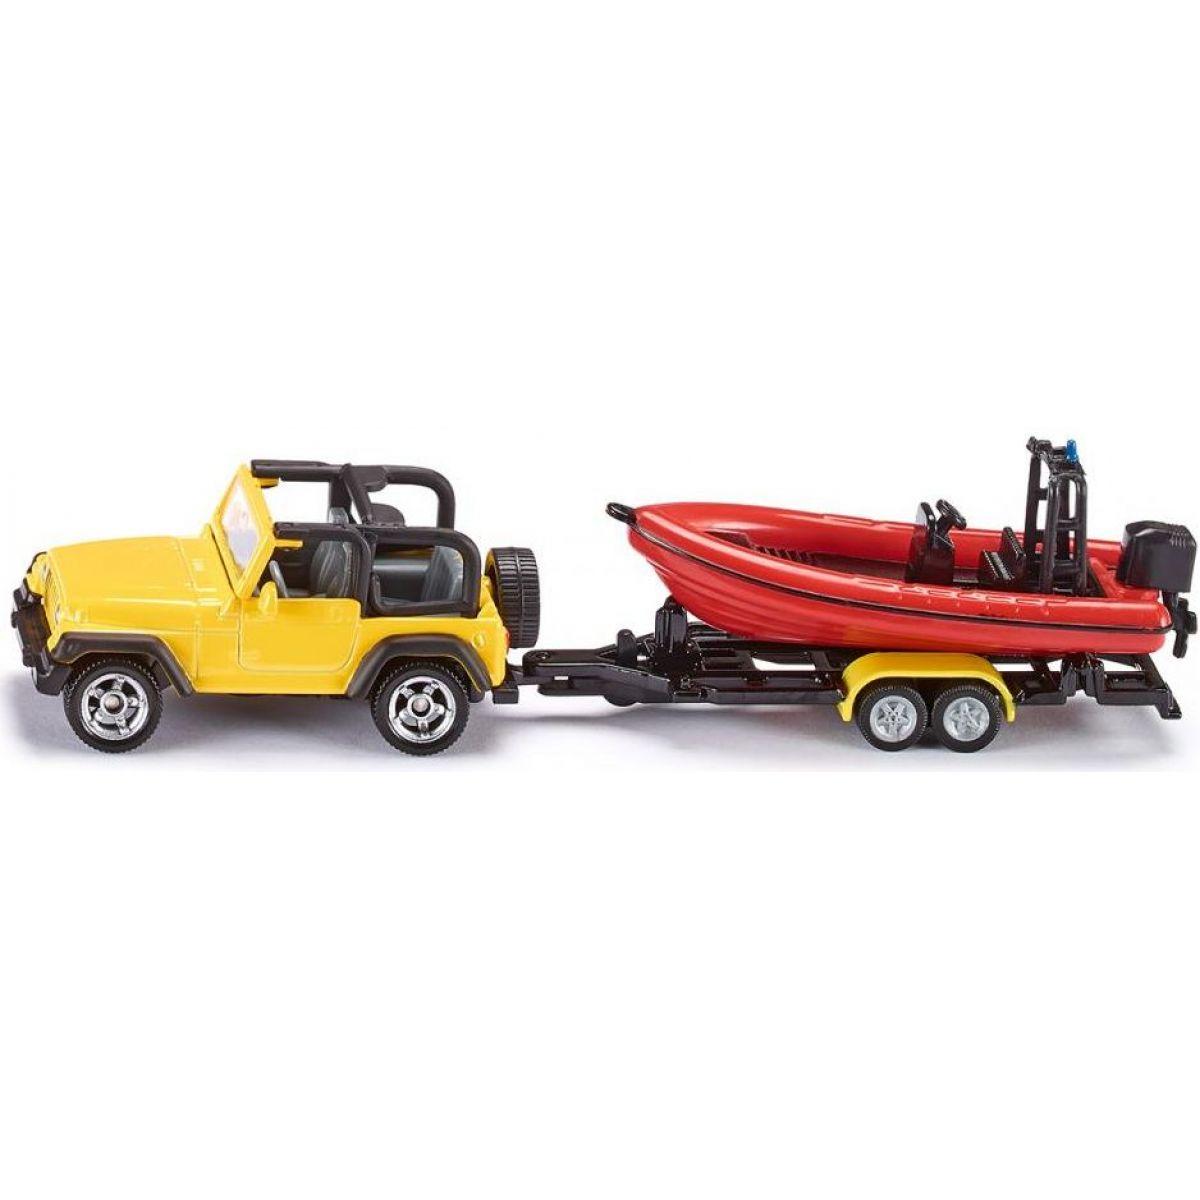 Siku 1658 Auto JEEP WRANGLER s přívěsem a člunem 1:87